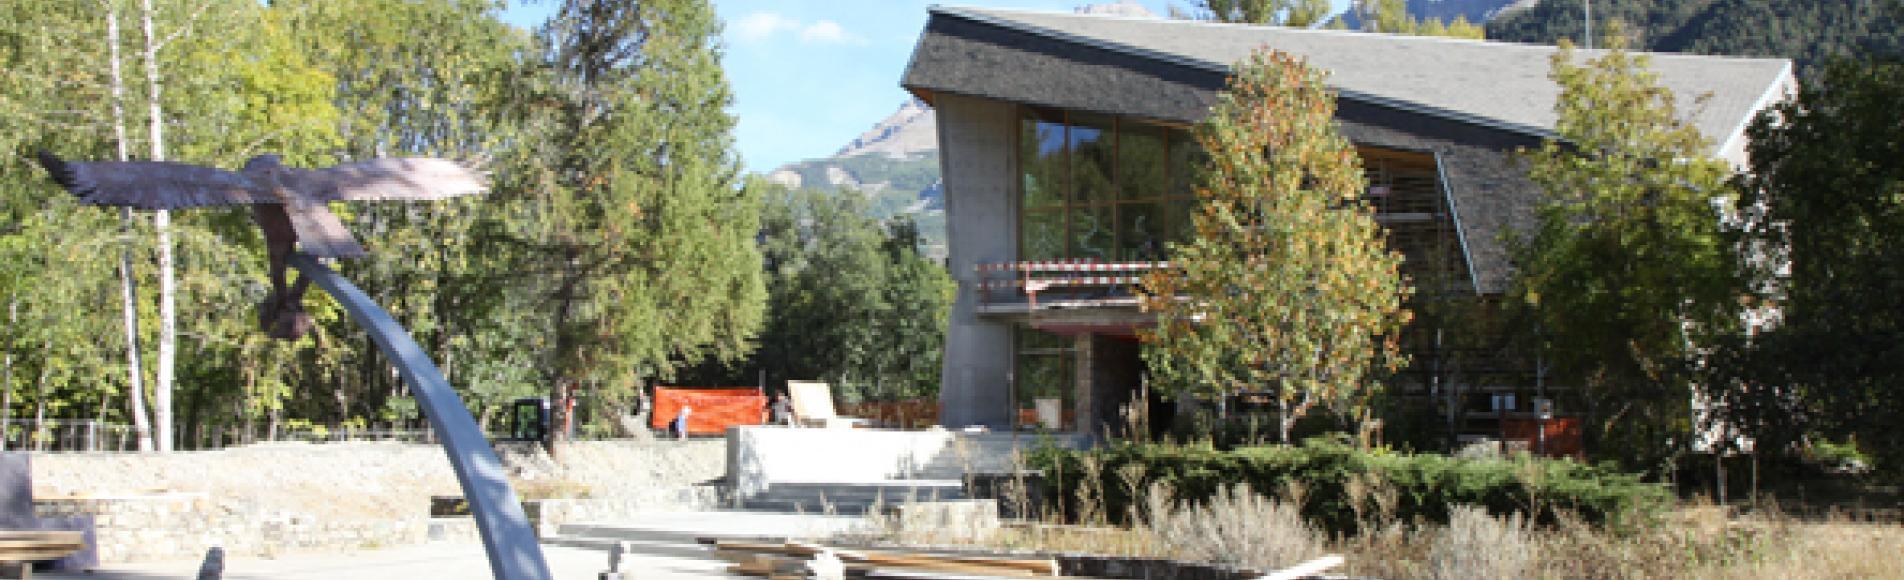 La Maison du Parc - Vallouise